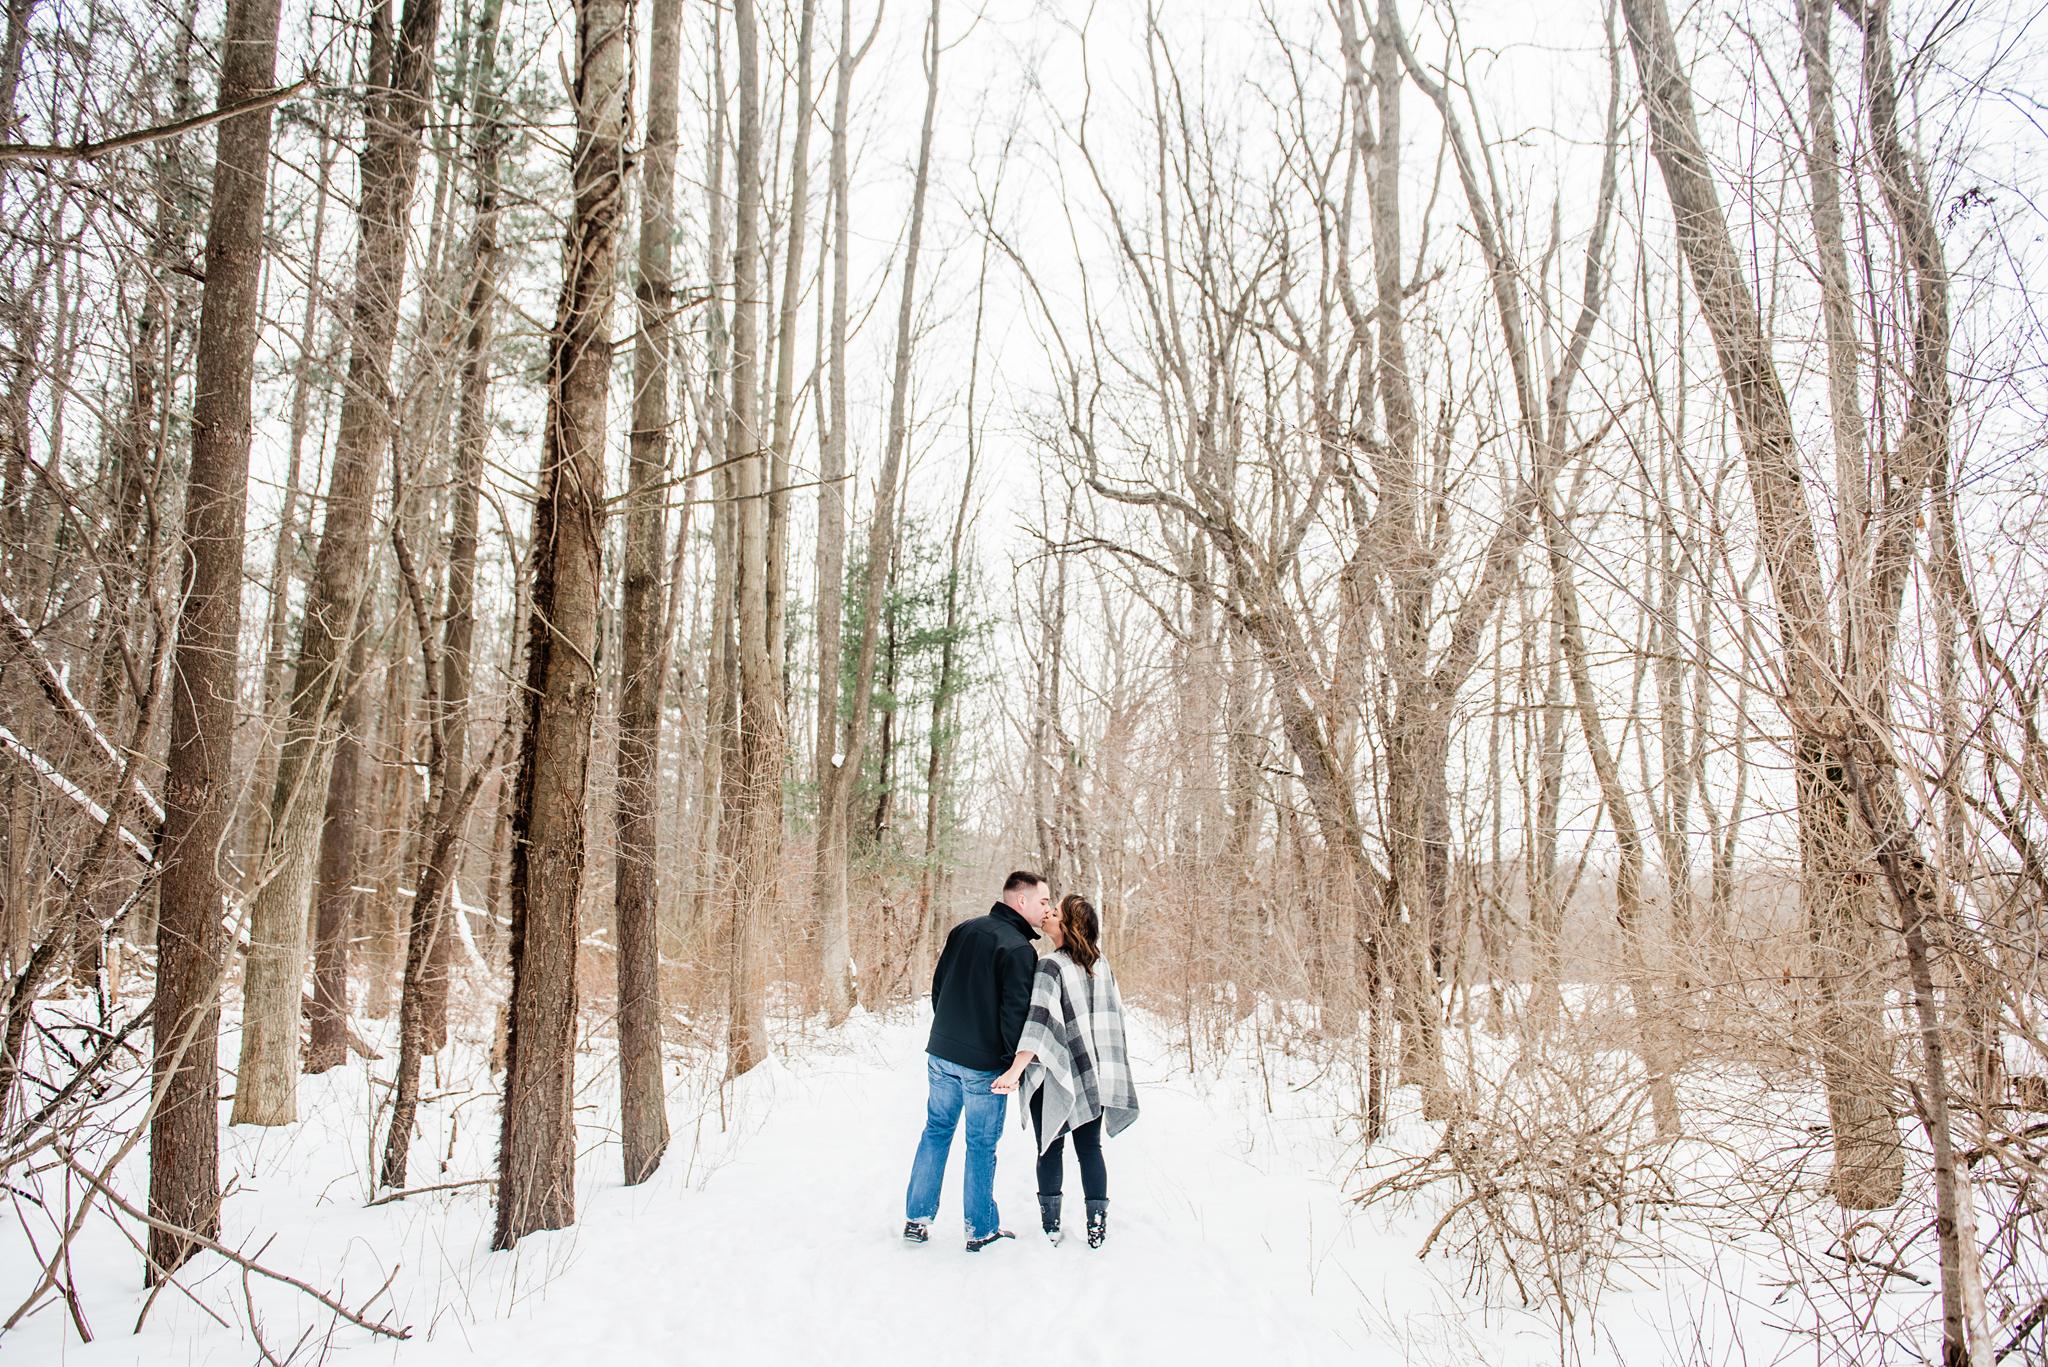 Black_Creek_Park_Rochester_Couples_Session_JILL_STUDIO_Rochester_NY_Photographer_DSC_7417.jpg